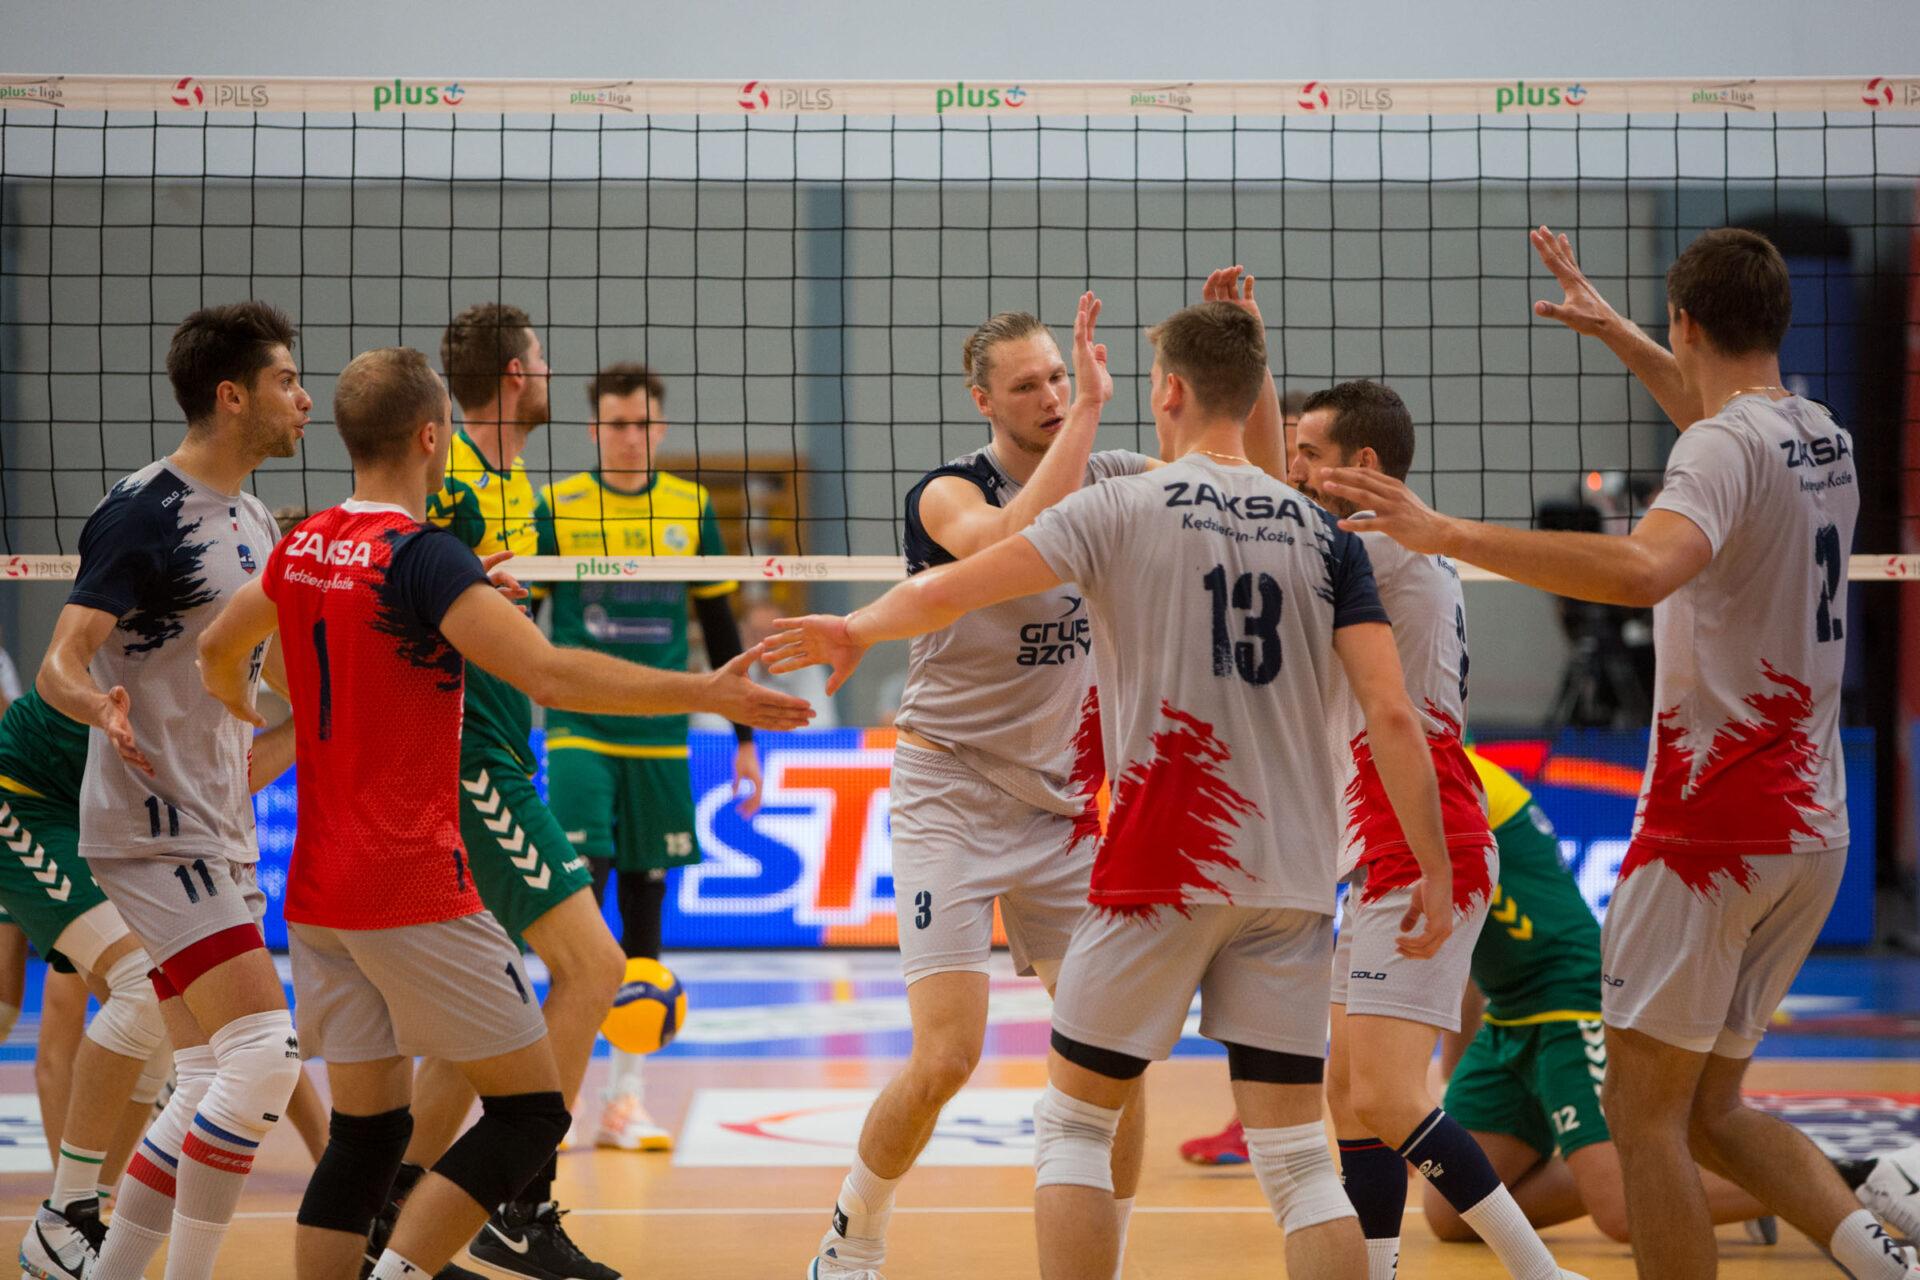 ZAKSA zagra ze Skrą w finale jubileuszowego turnieju w Bełchatowie